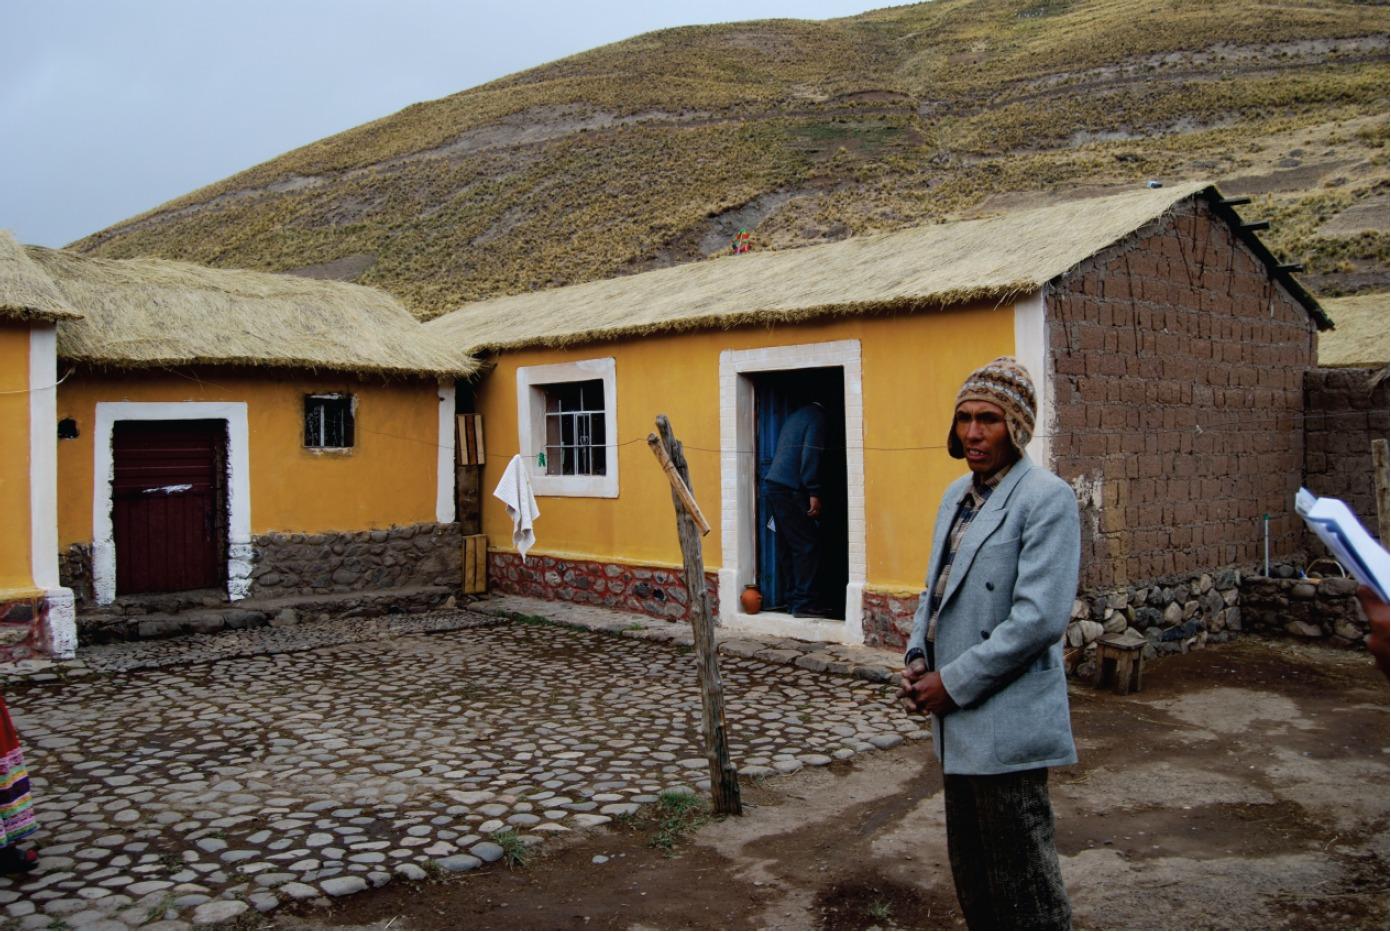 Galer a de programa de vivienda rural en sibayo per for Vivienda arquitectura